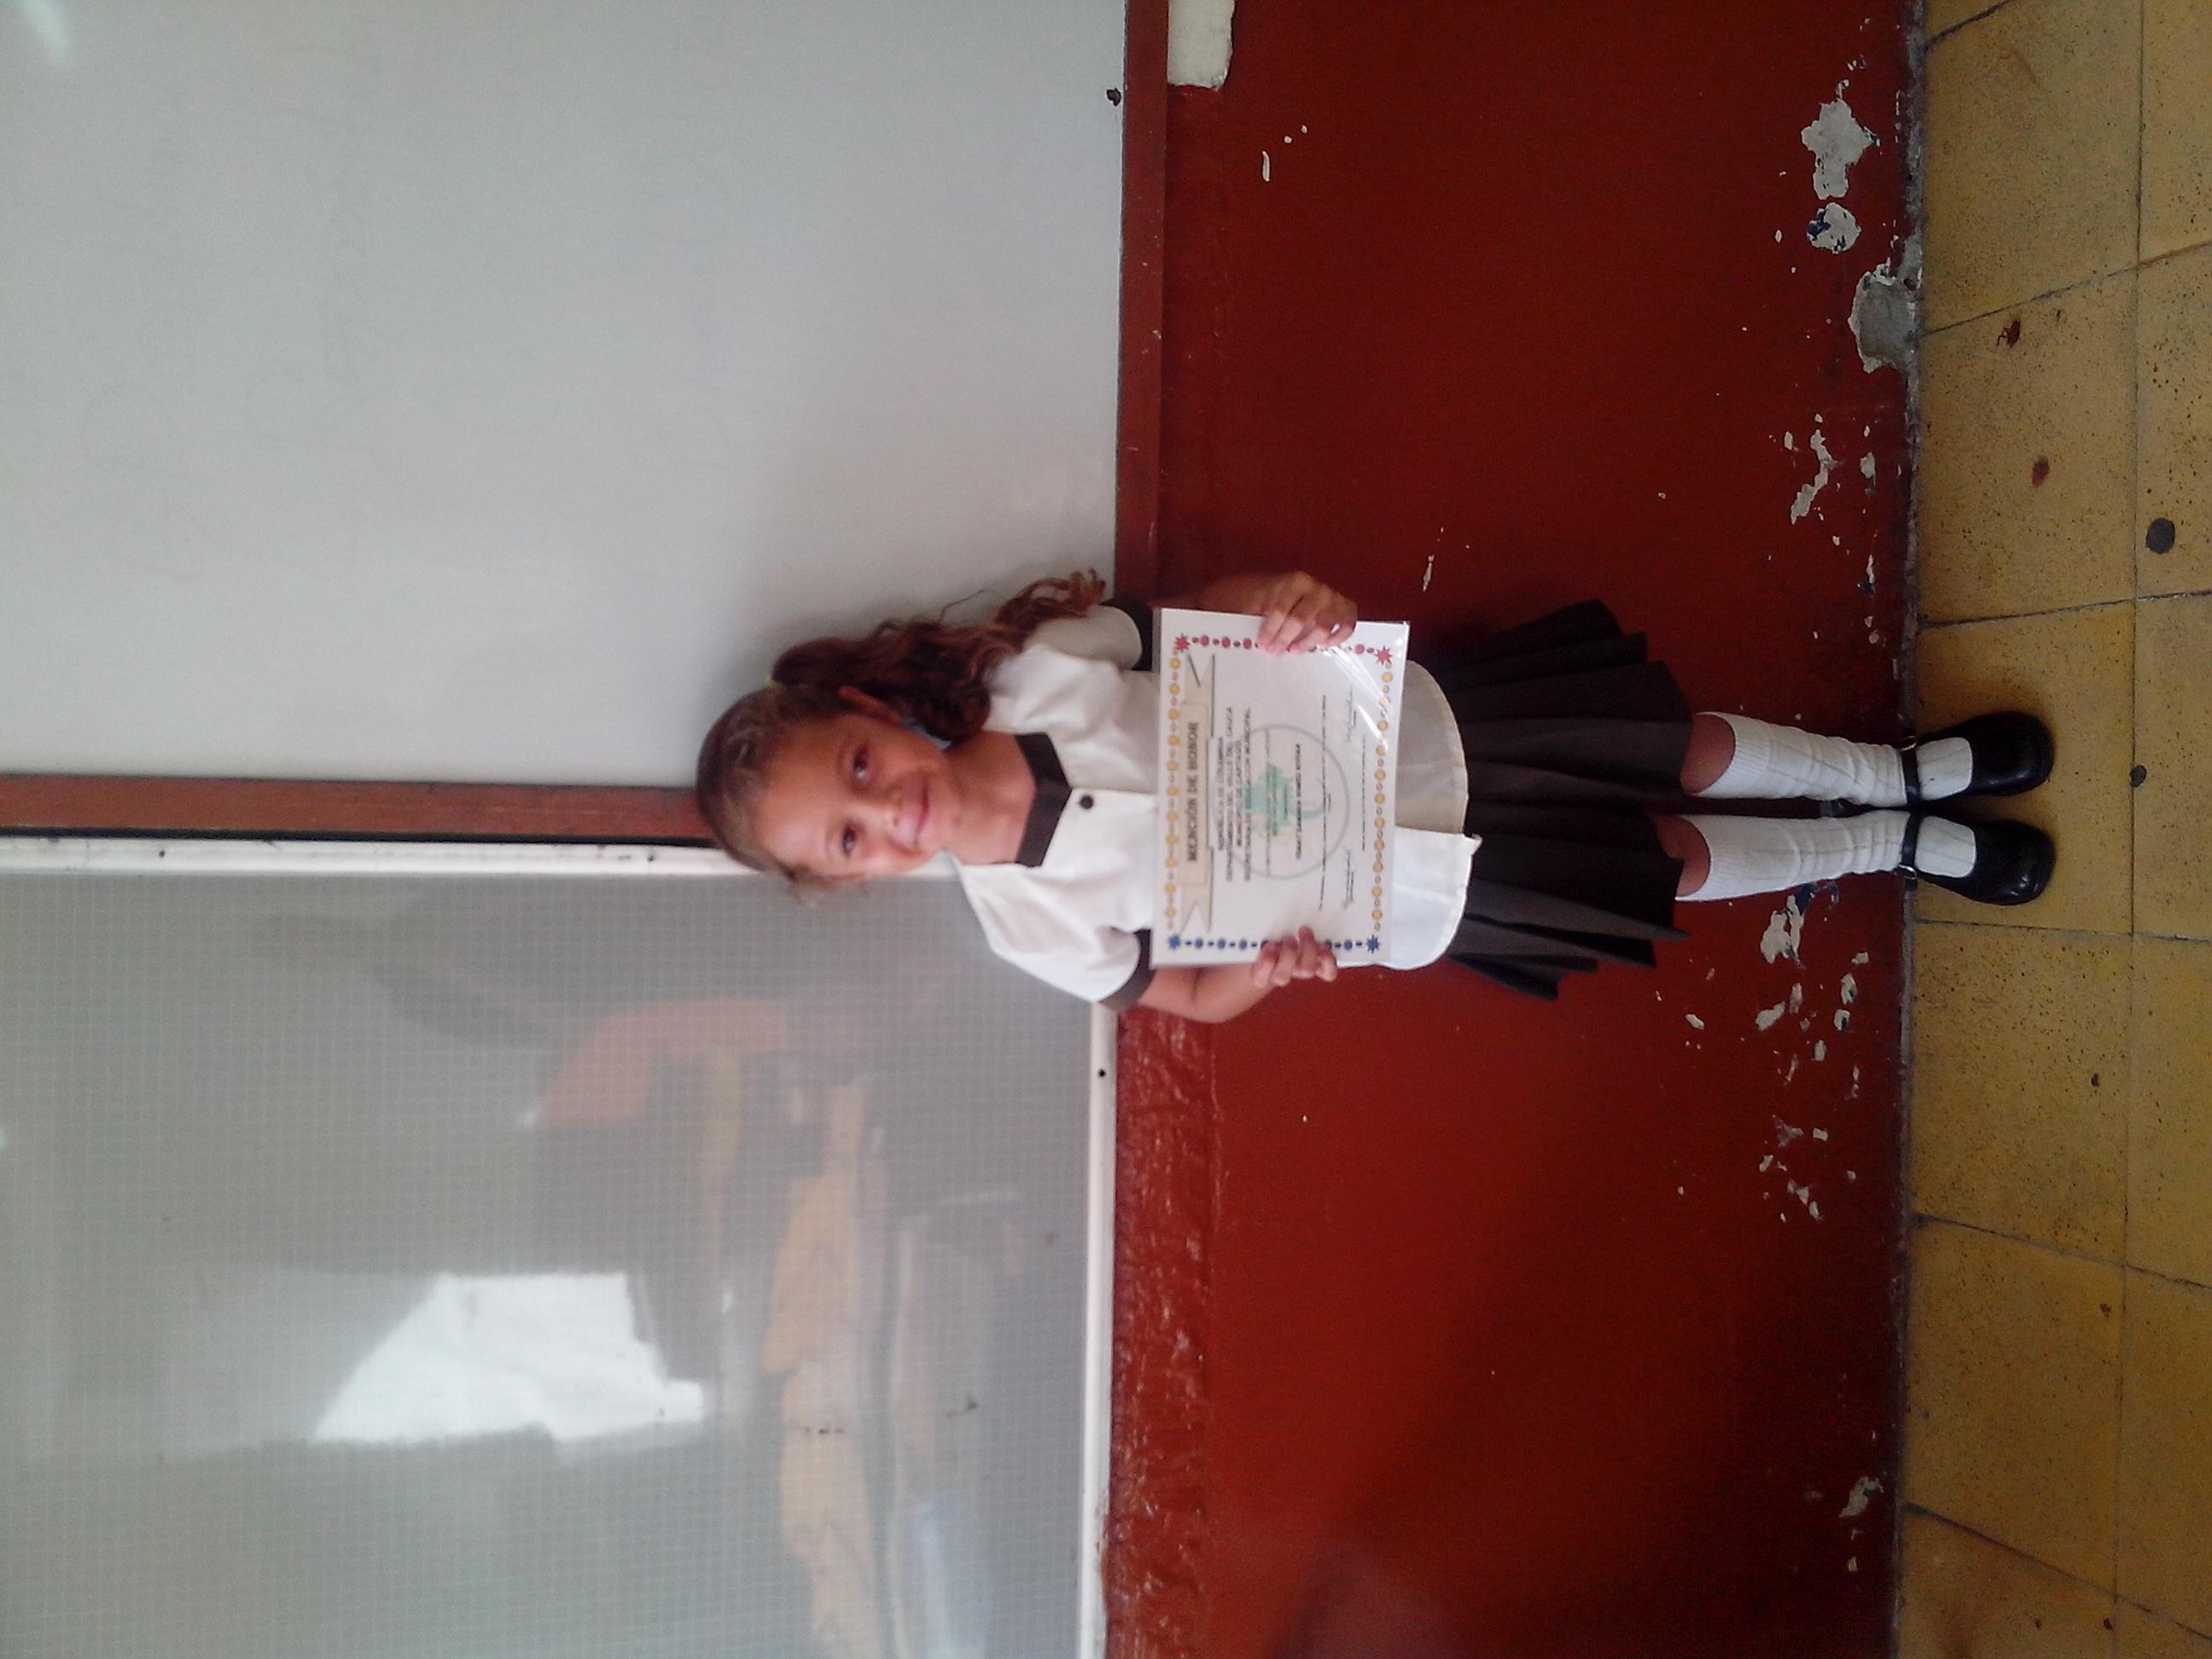 Zamara School